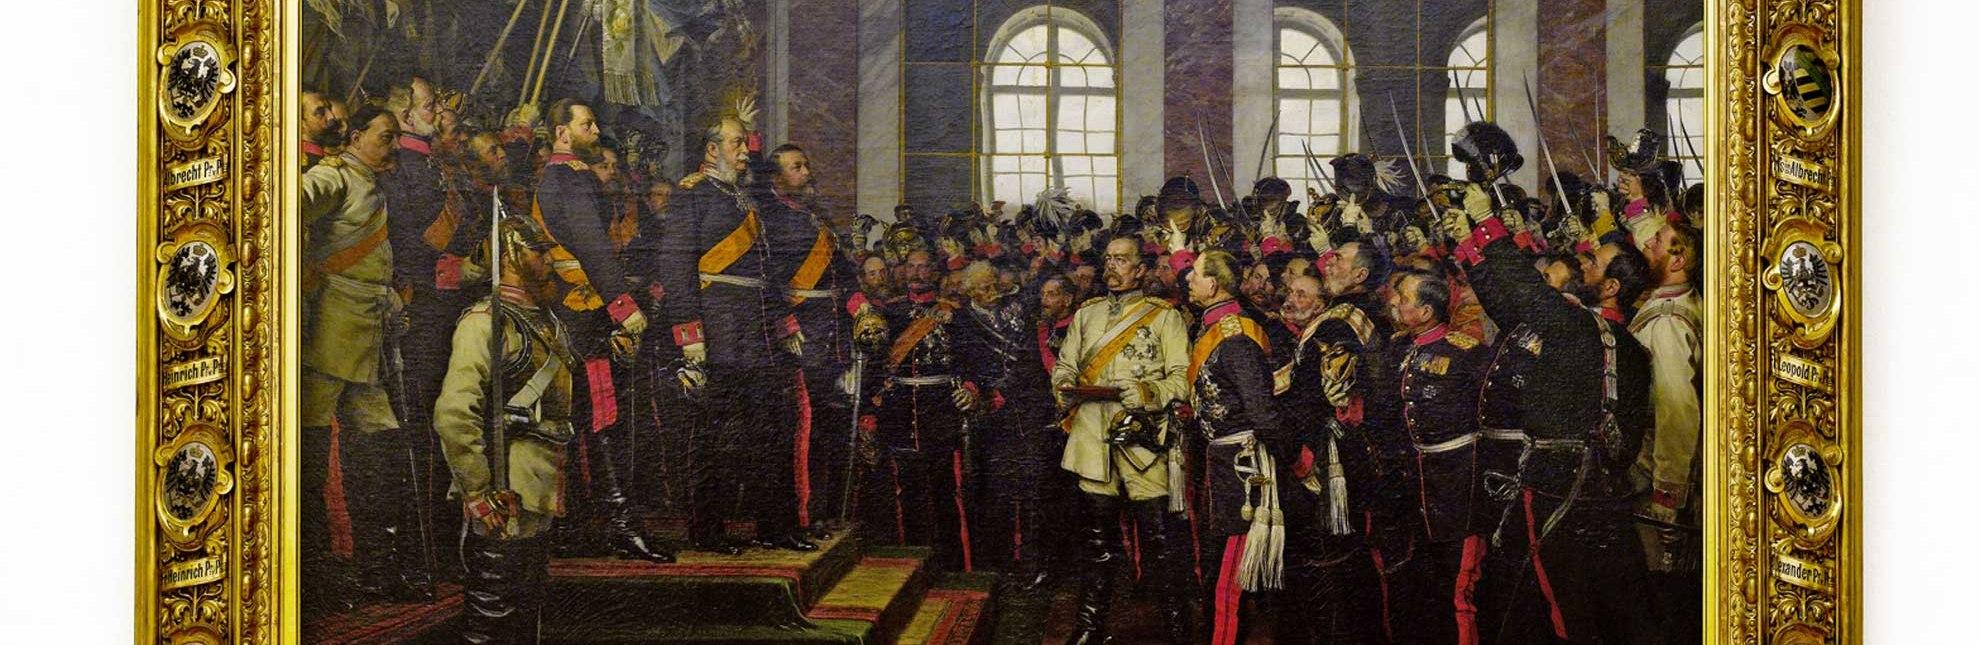 Kaum bekannt: Im Bismarck-Museum in Friedrichsruh im Sachsenwald befindet sich das berühmte Gemälde von der Proklamation des deutschen Kaiserreiches., © Bismarck-Museum